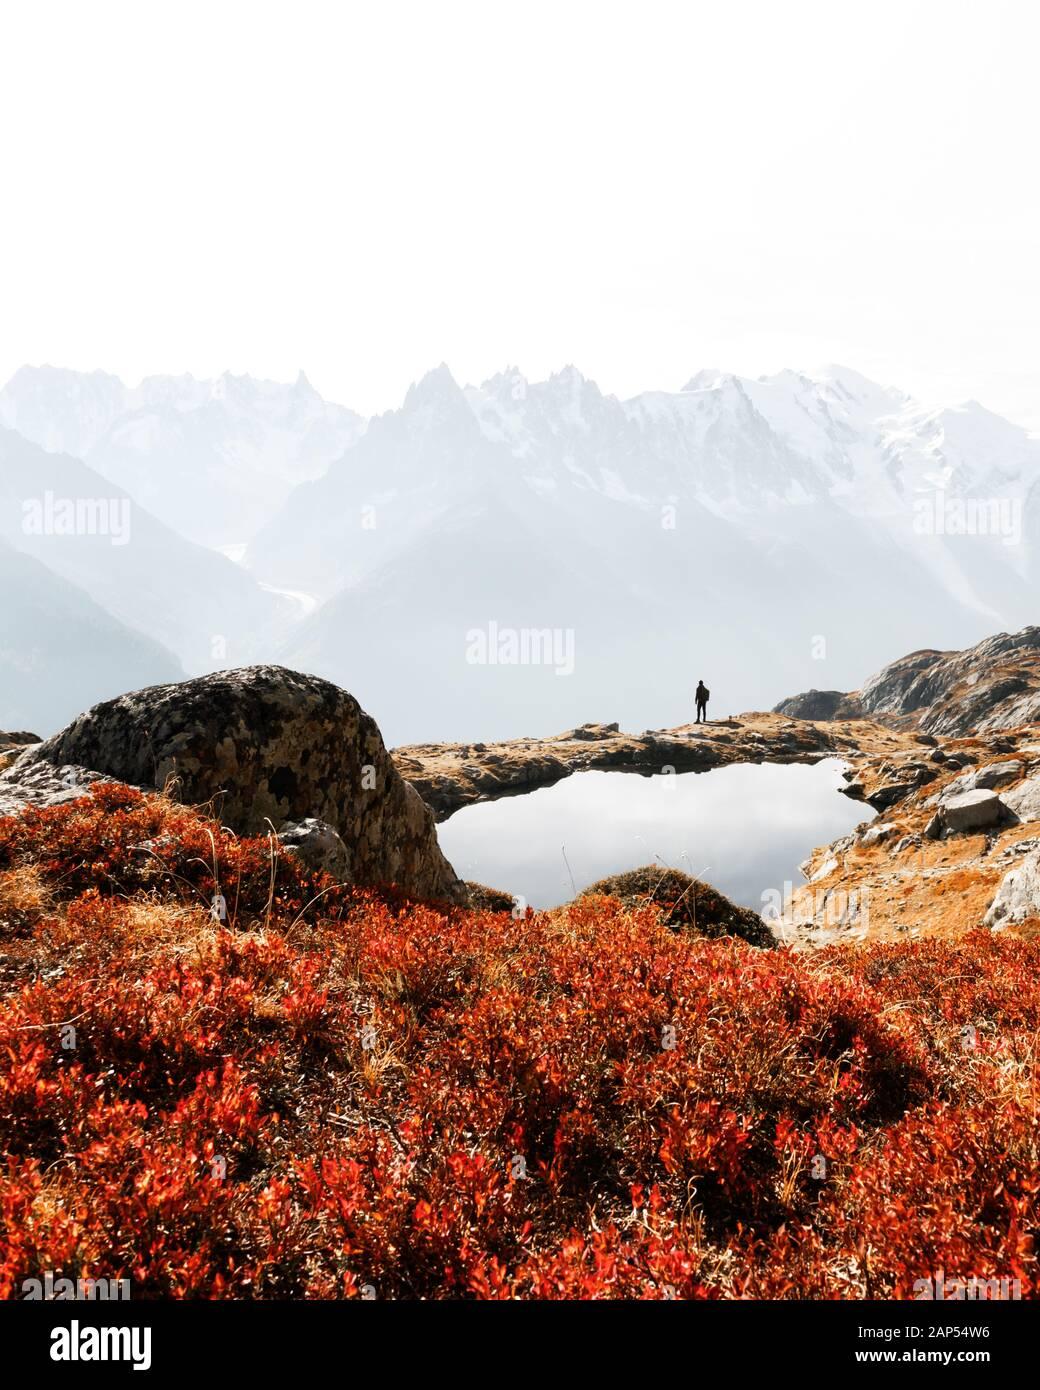 Silueta de caminante cerca Chesery Lake (Lago De Cheserys). Monte Bianco nevadas montañas gama en segundo plano. Vallon de Berard Nature Preserve, Chamonix, Francia Alpes Foto de stock